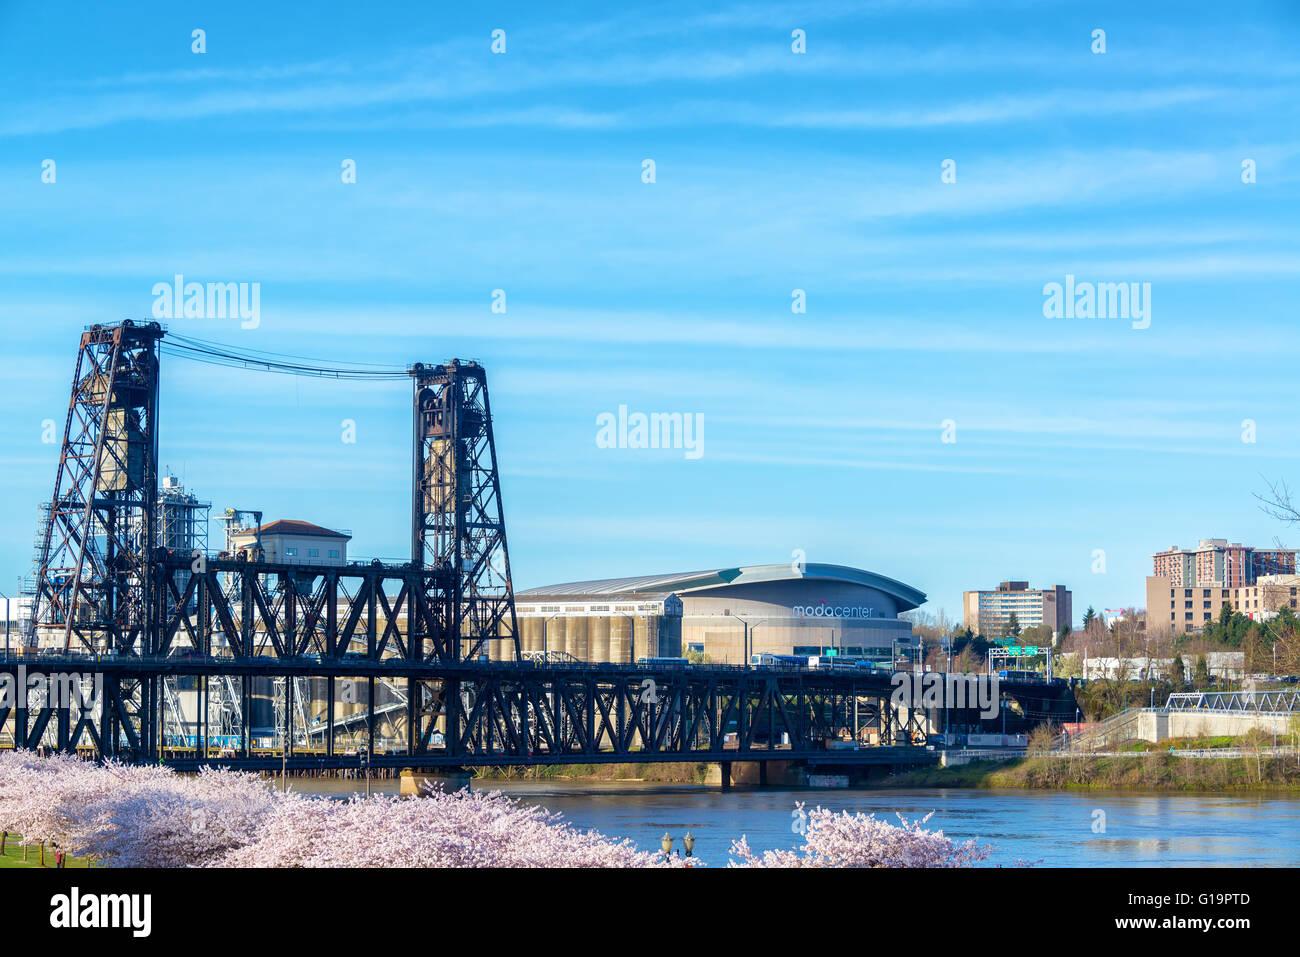 PORTLAND, OR - 16 de marzo: puente de acero en el centro de Portland, o con el Centro de Moda en el fondo el 16 Imagen De Stock